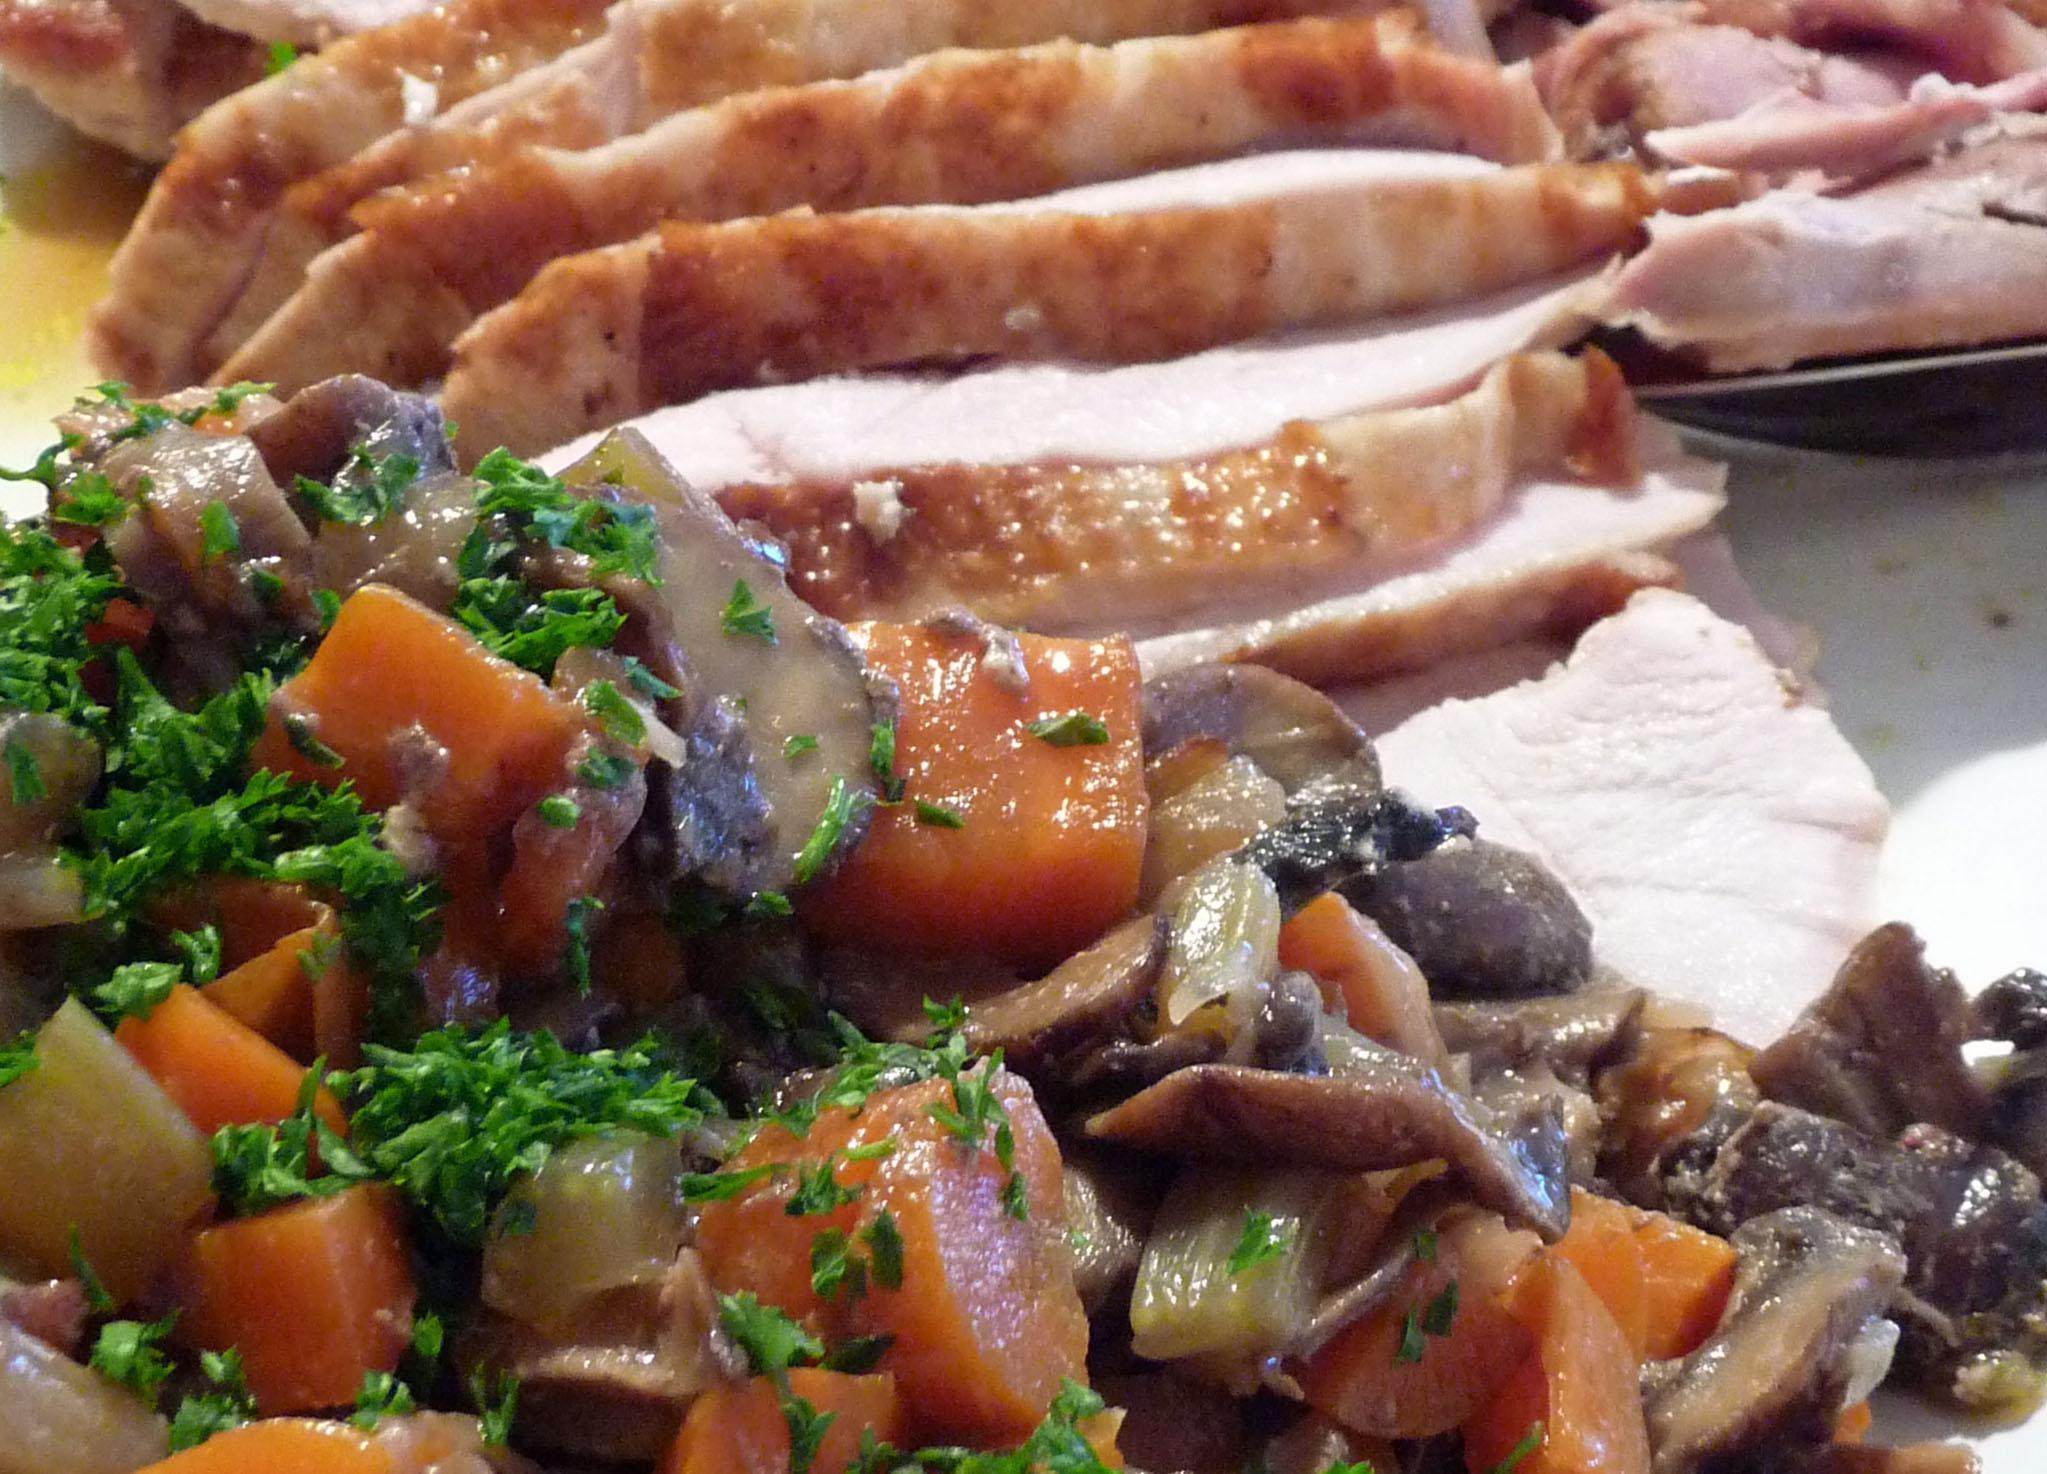 Braised Turkey w fresh herbs, wild mushrooms, veggies (c) jfhaugen